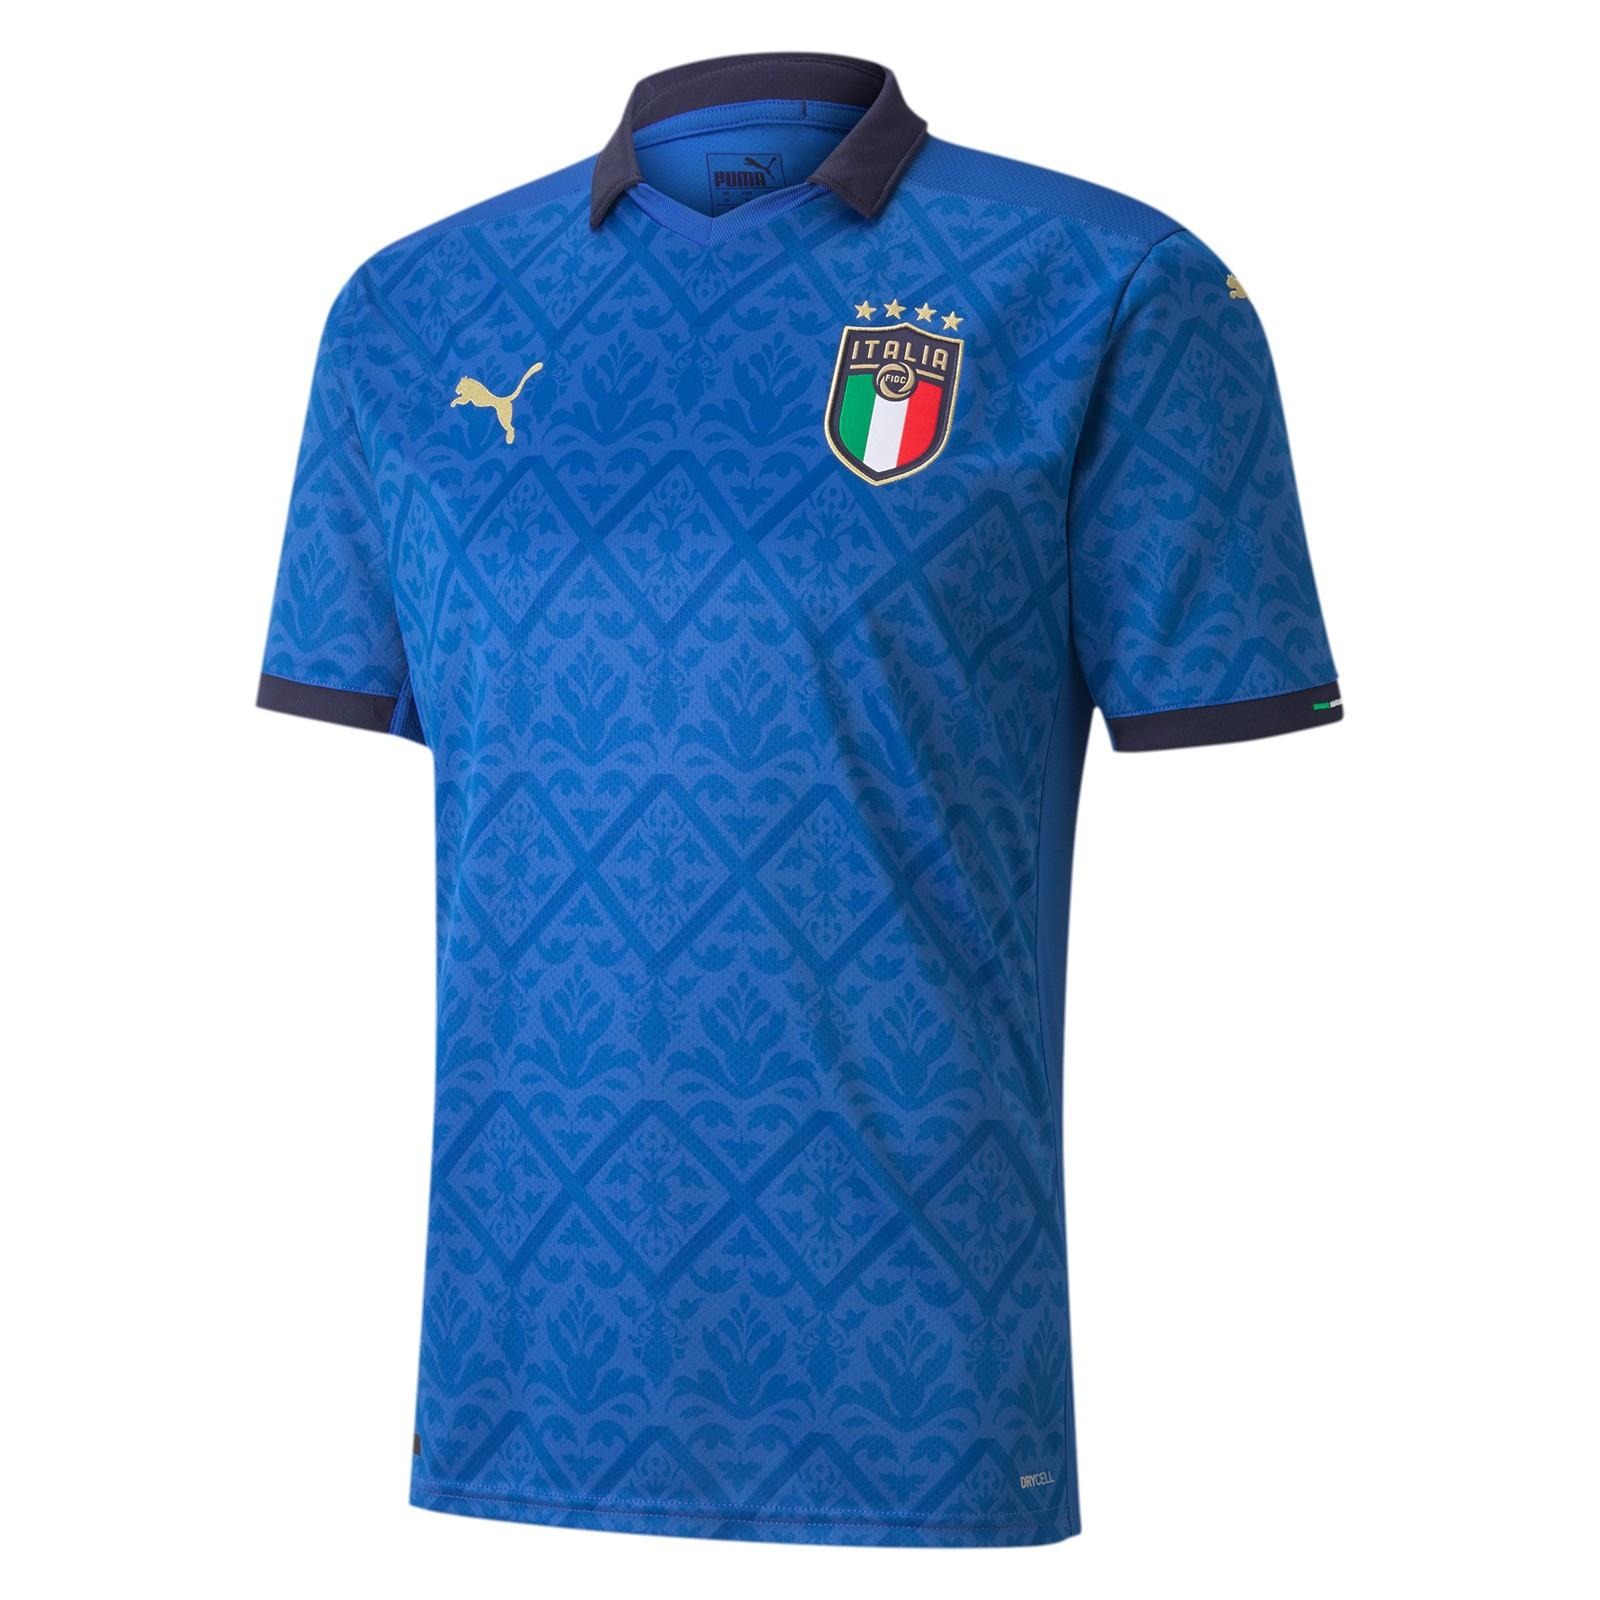 意大利国家队2020欧洲杯球迷版主场球衣